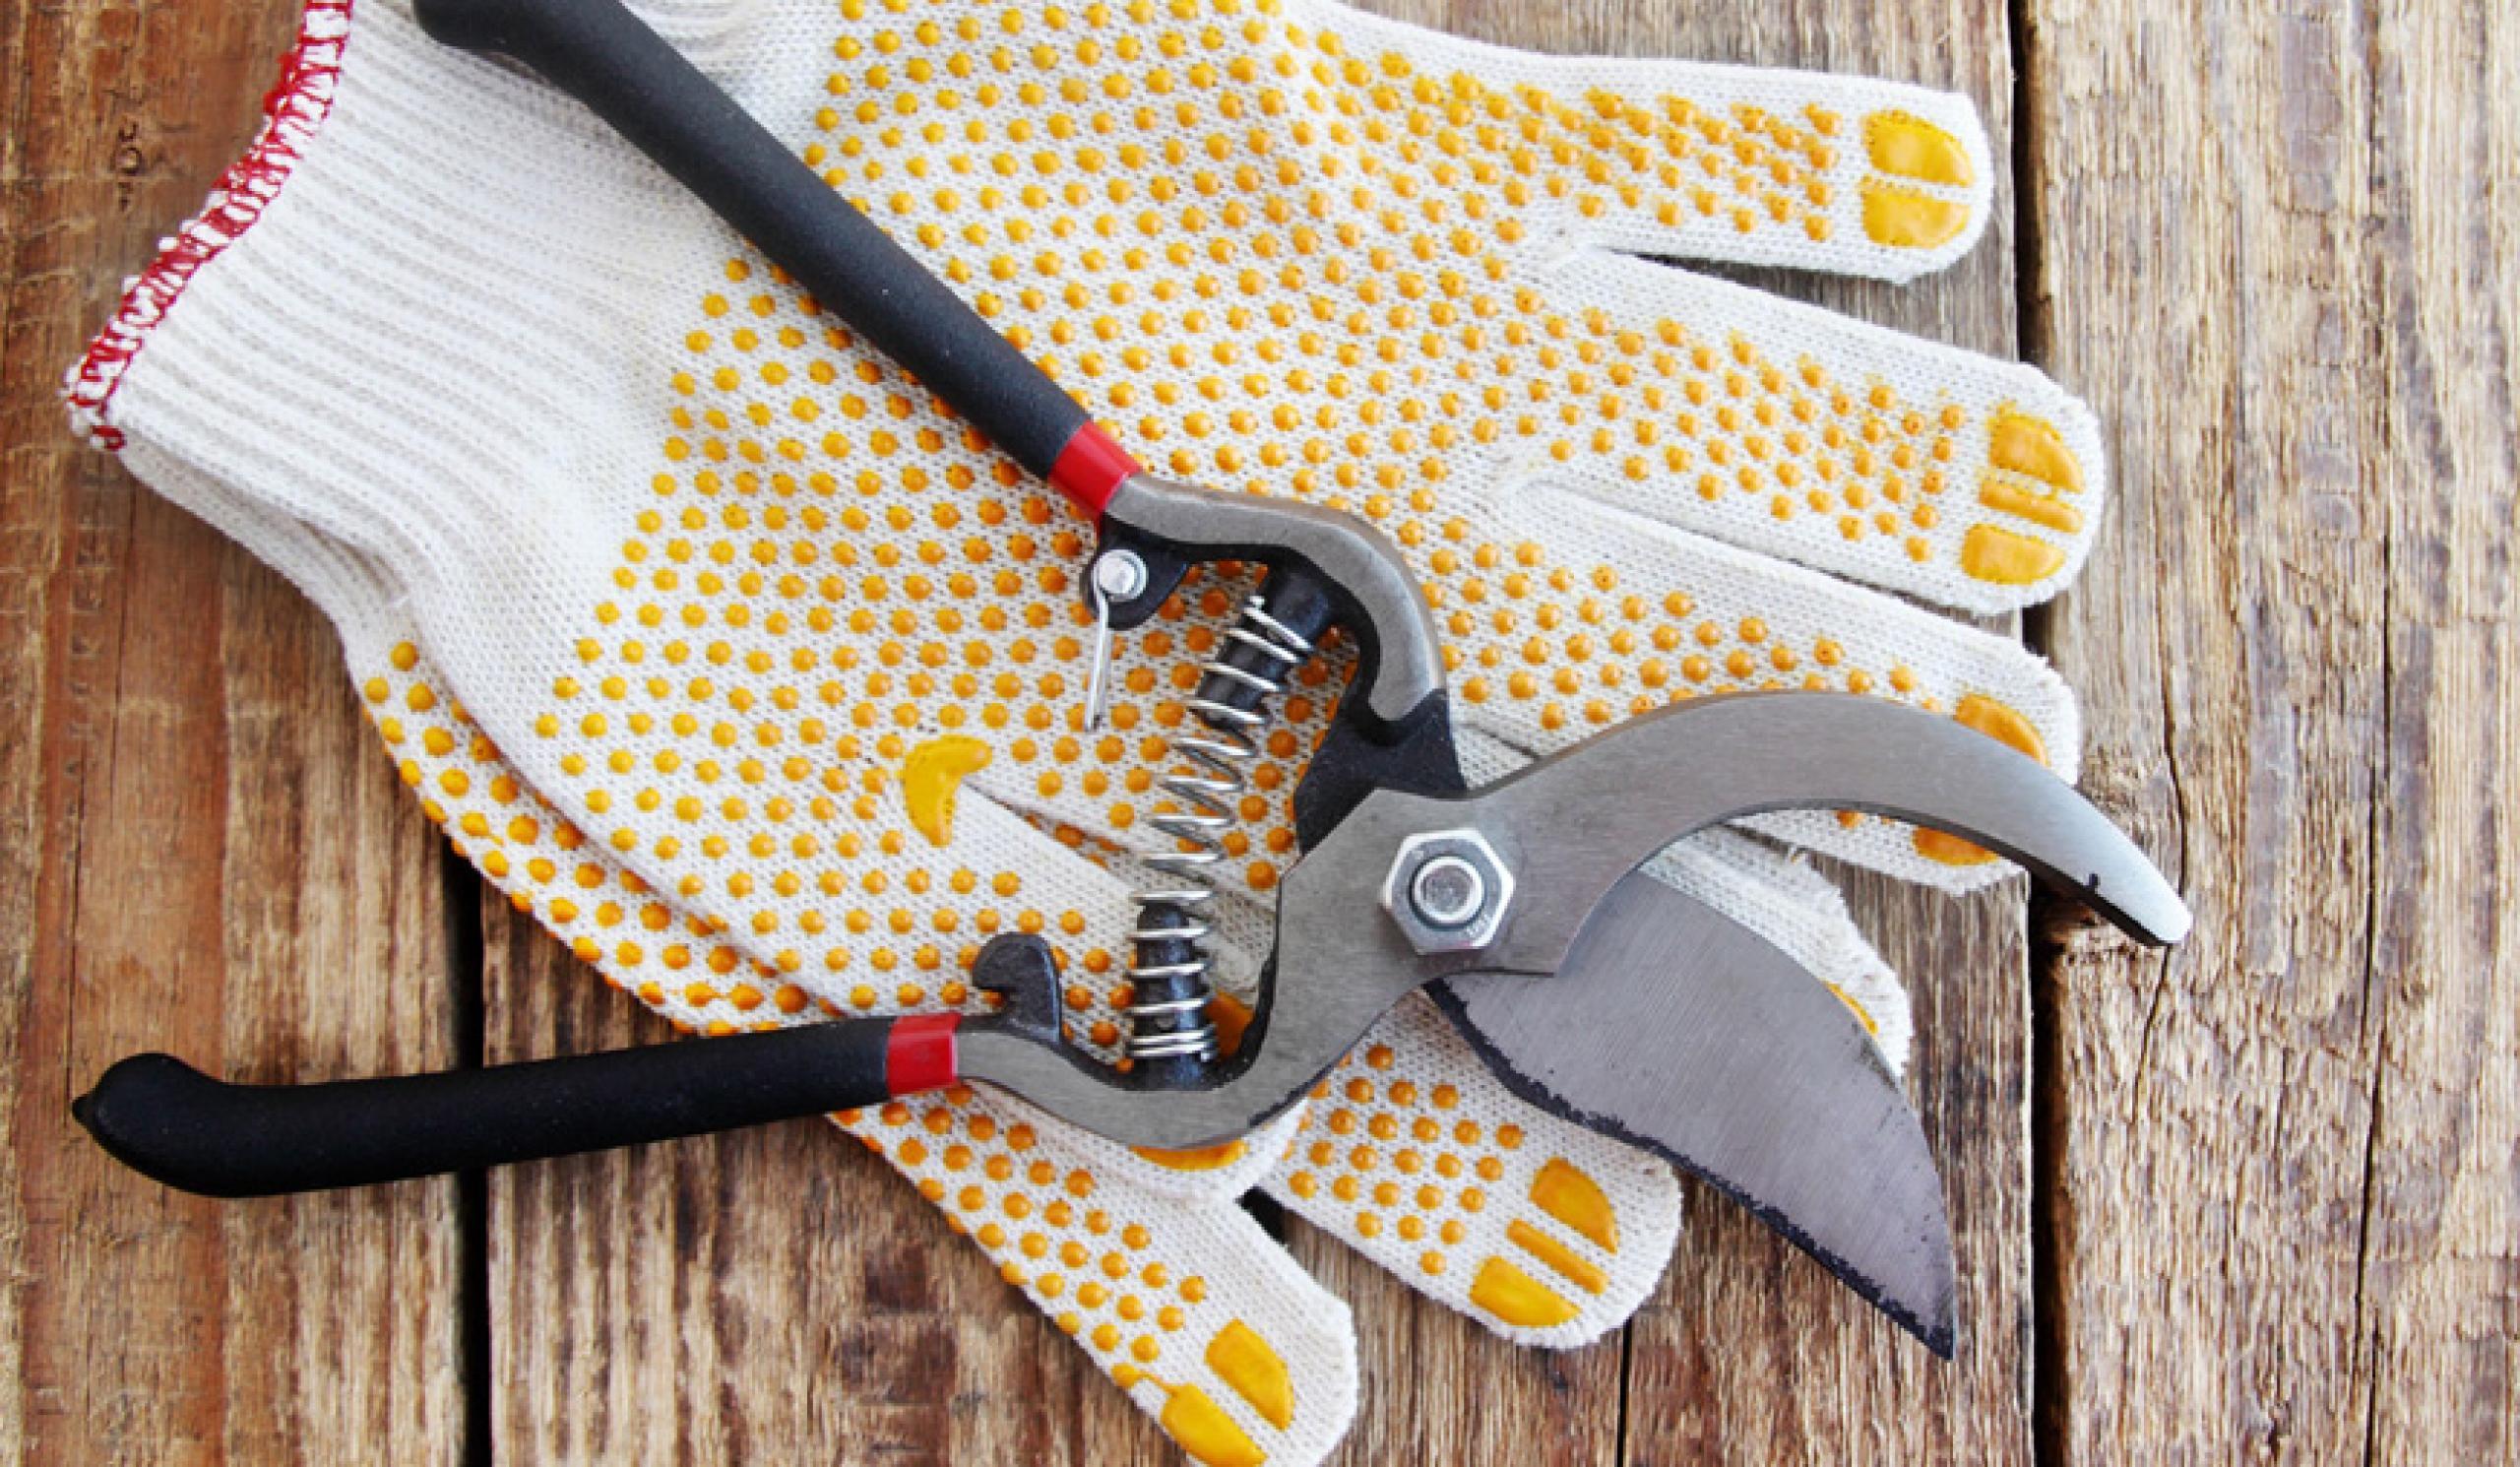 Trabajos de exteriores y mantenimiento del jardín